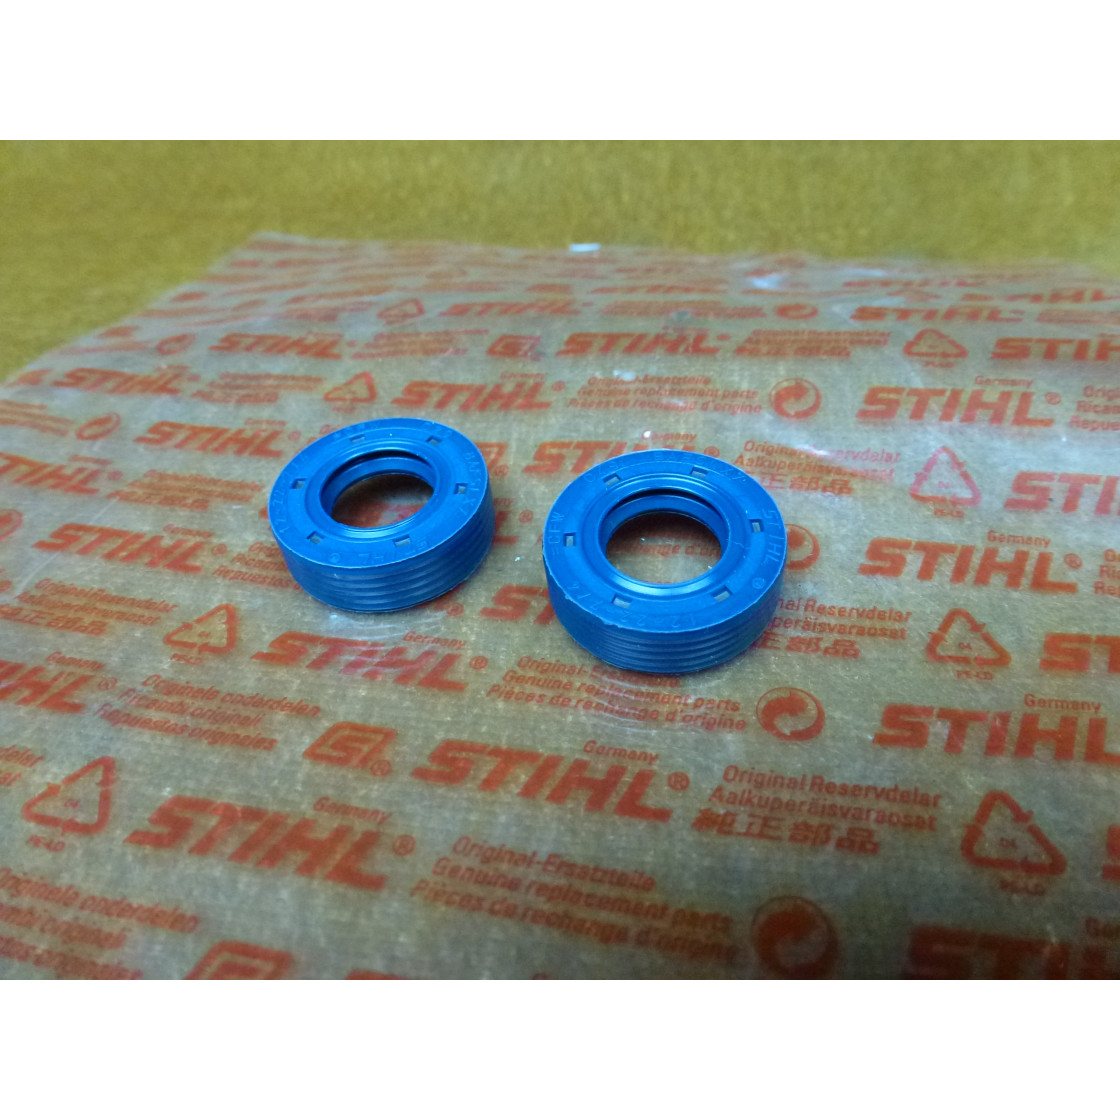 Wellendichtringe für Stihl S10 S 10